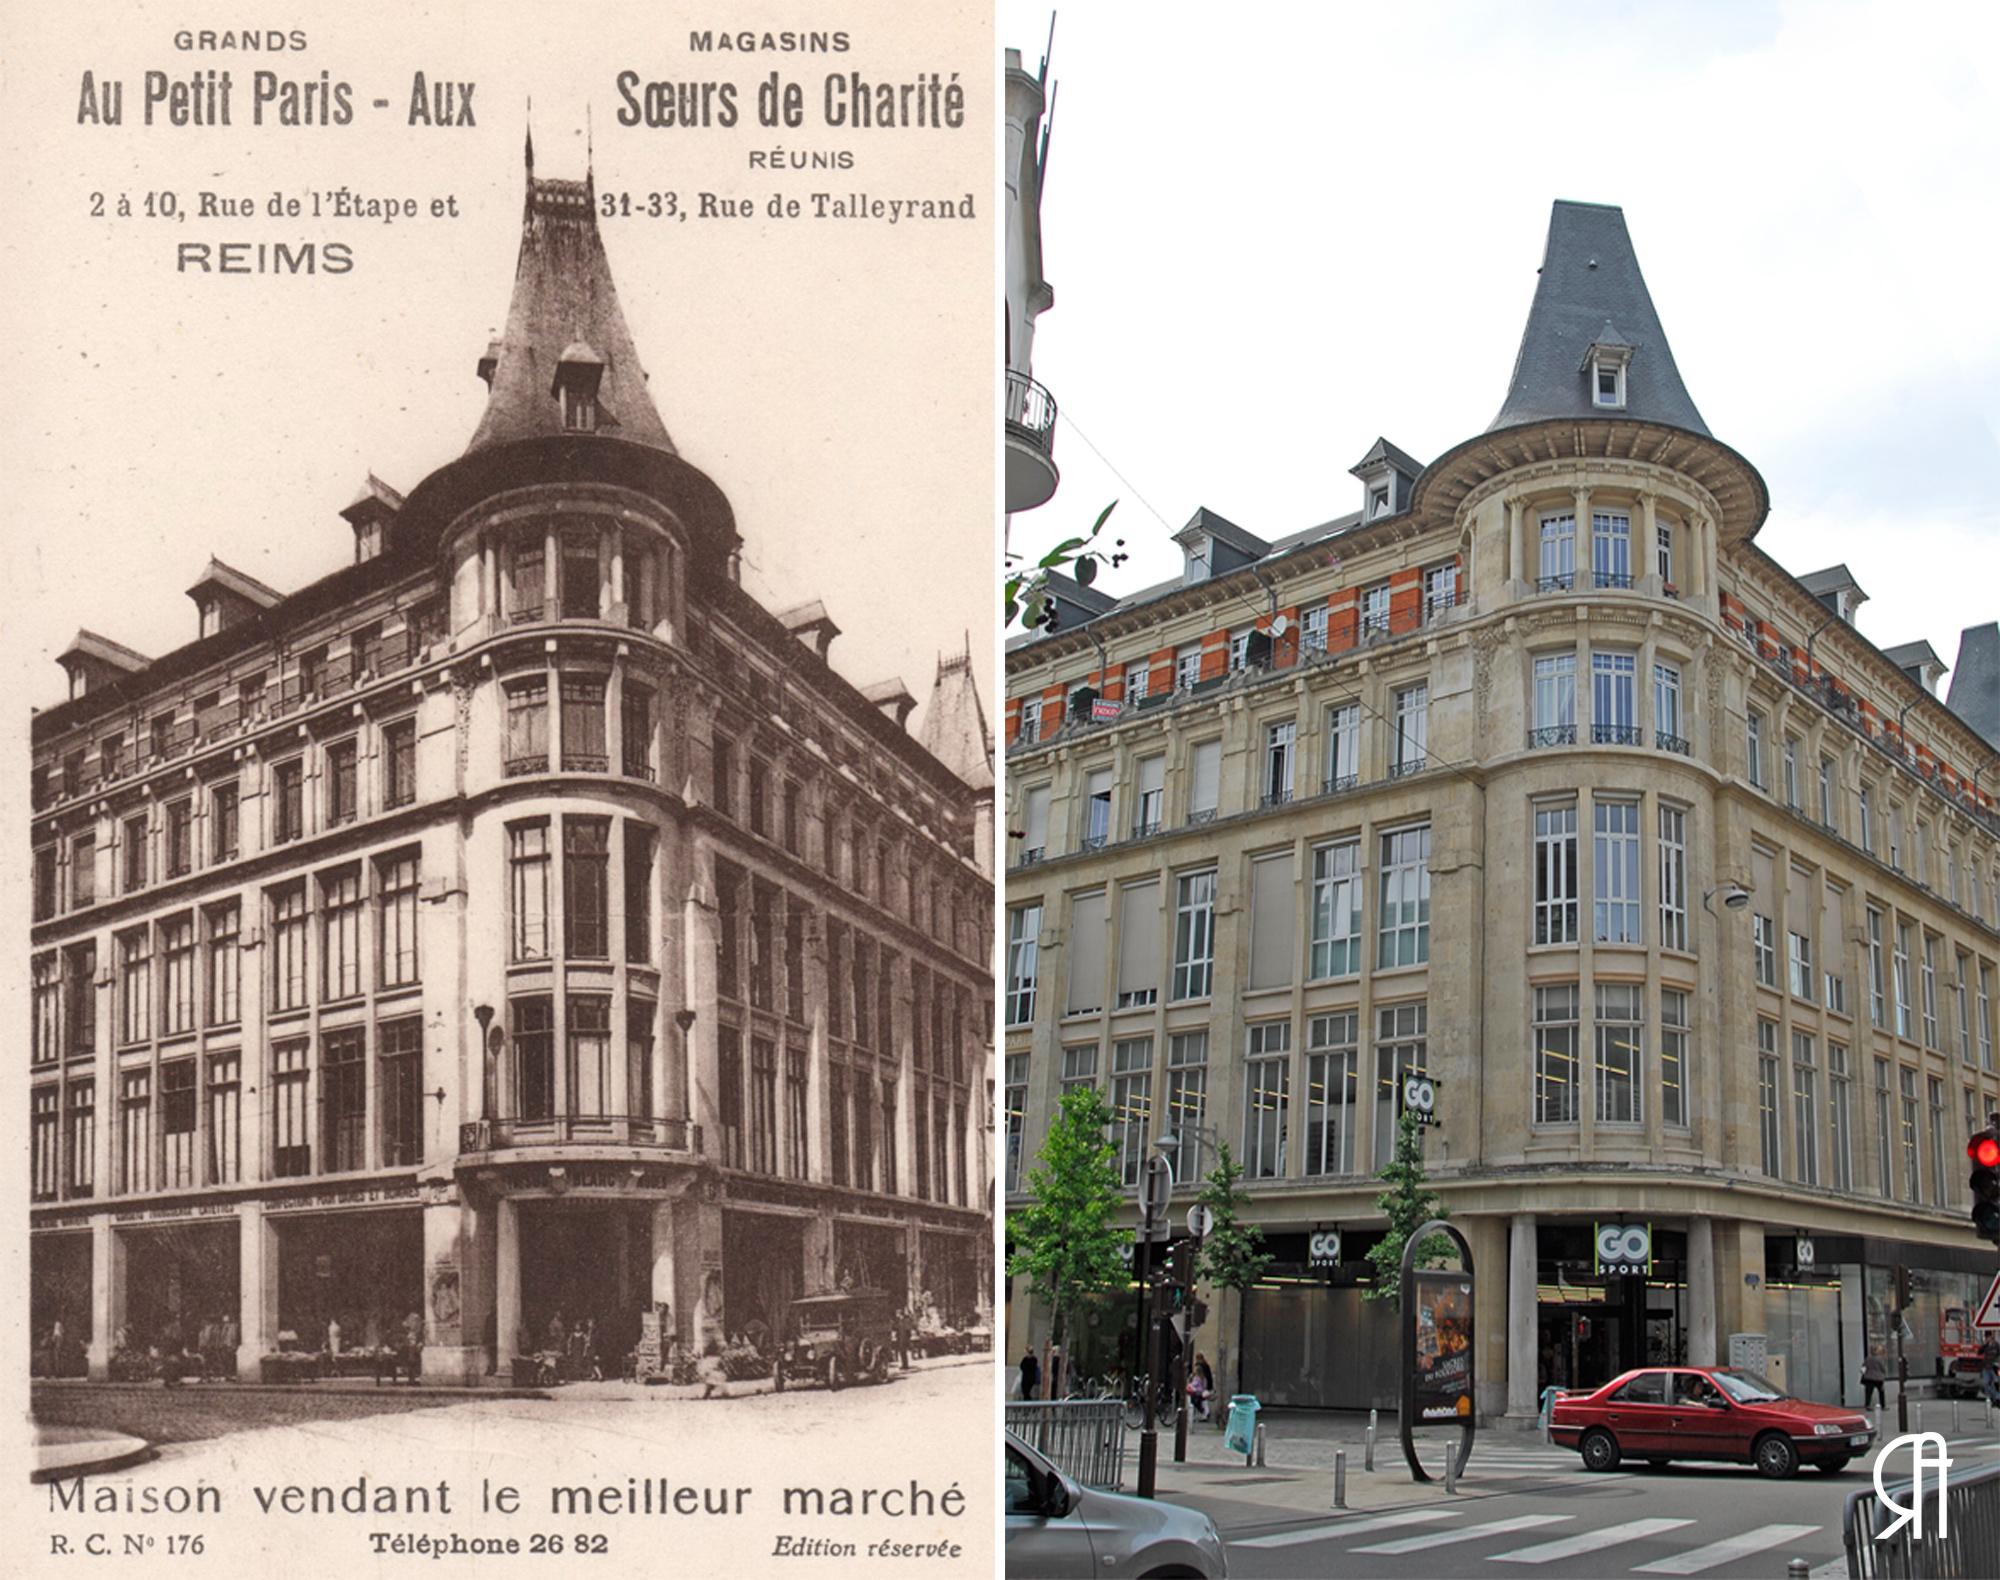 Au Petit Paris, Aux Sœurs de Charité, rue de Talleyrand, rue de l'Étape